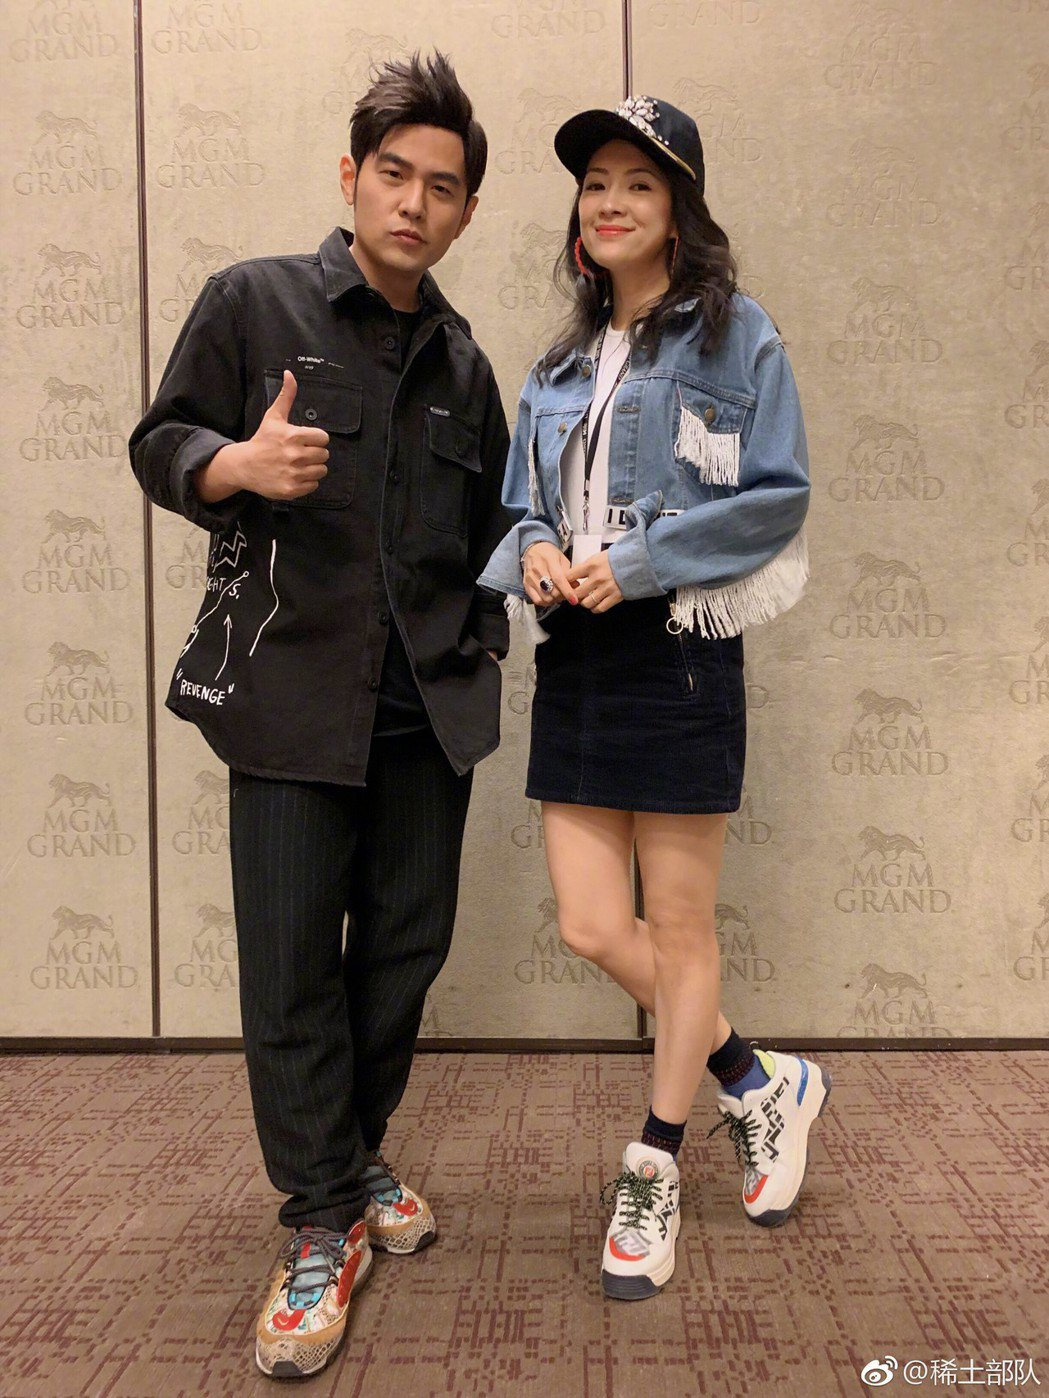 章子怡欣賞周杰倫在拉斯維加斯演唱會。 圖/擷自章子怡微博